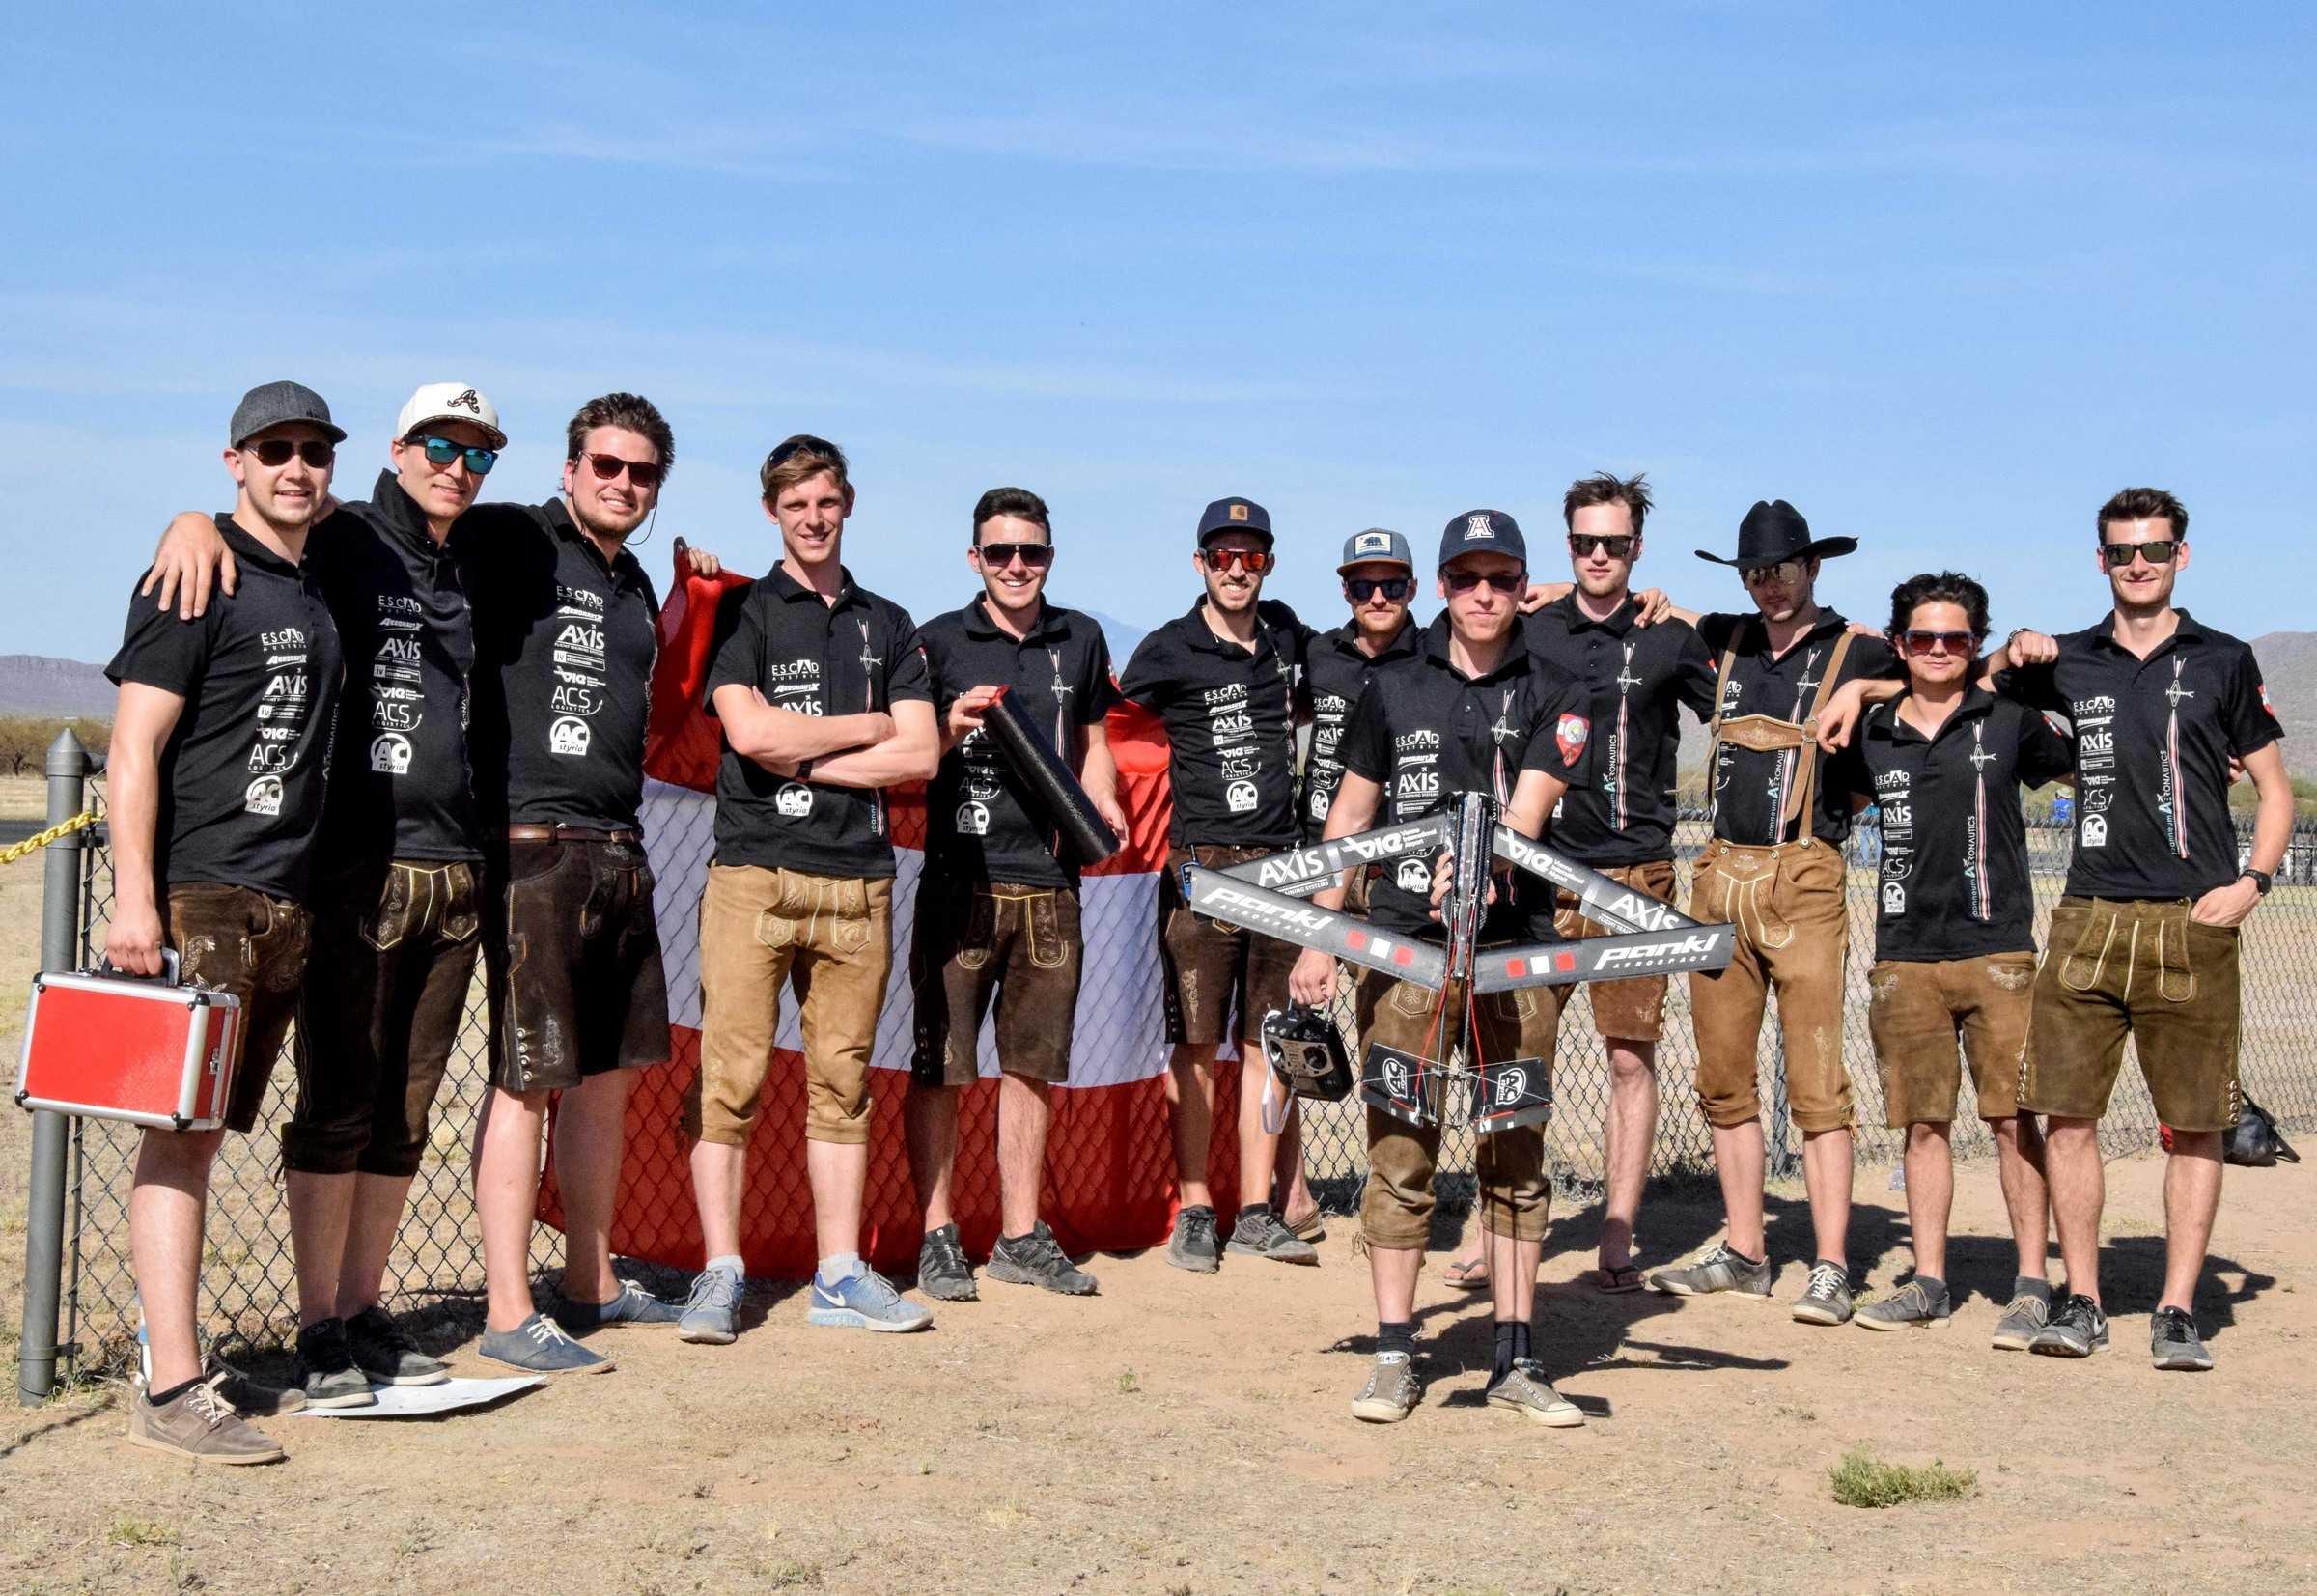 Die Studierenden mit dem Flugobjekt im Vordergrund in Arizona.